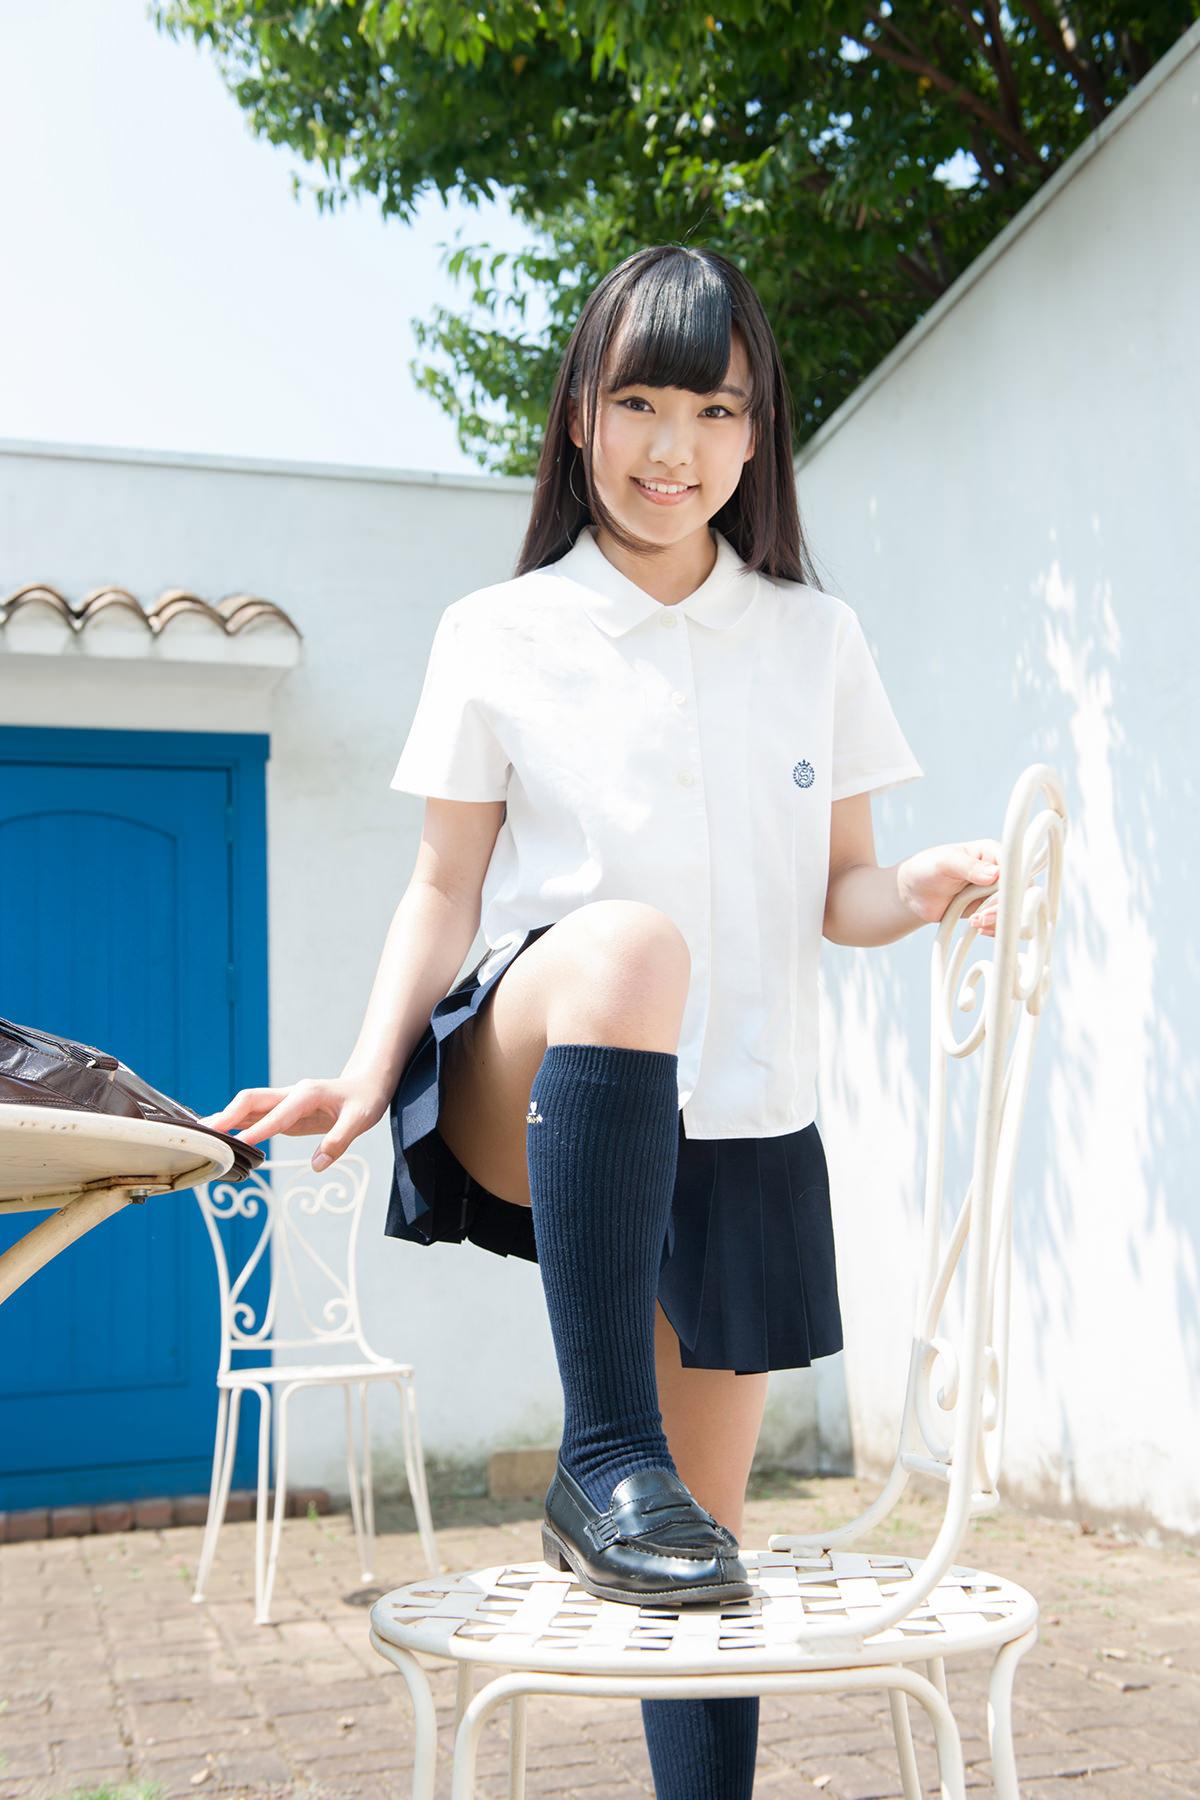 ジュニアアイドル 香月杏珠 いもうとシスターズのメンバーで関西3期生の美形ジュニアアイドル香月杏珠のセーラー服に白ハイソックスと紺色ハイソックスにプリスカな制服画像です。